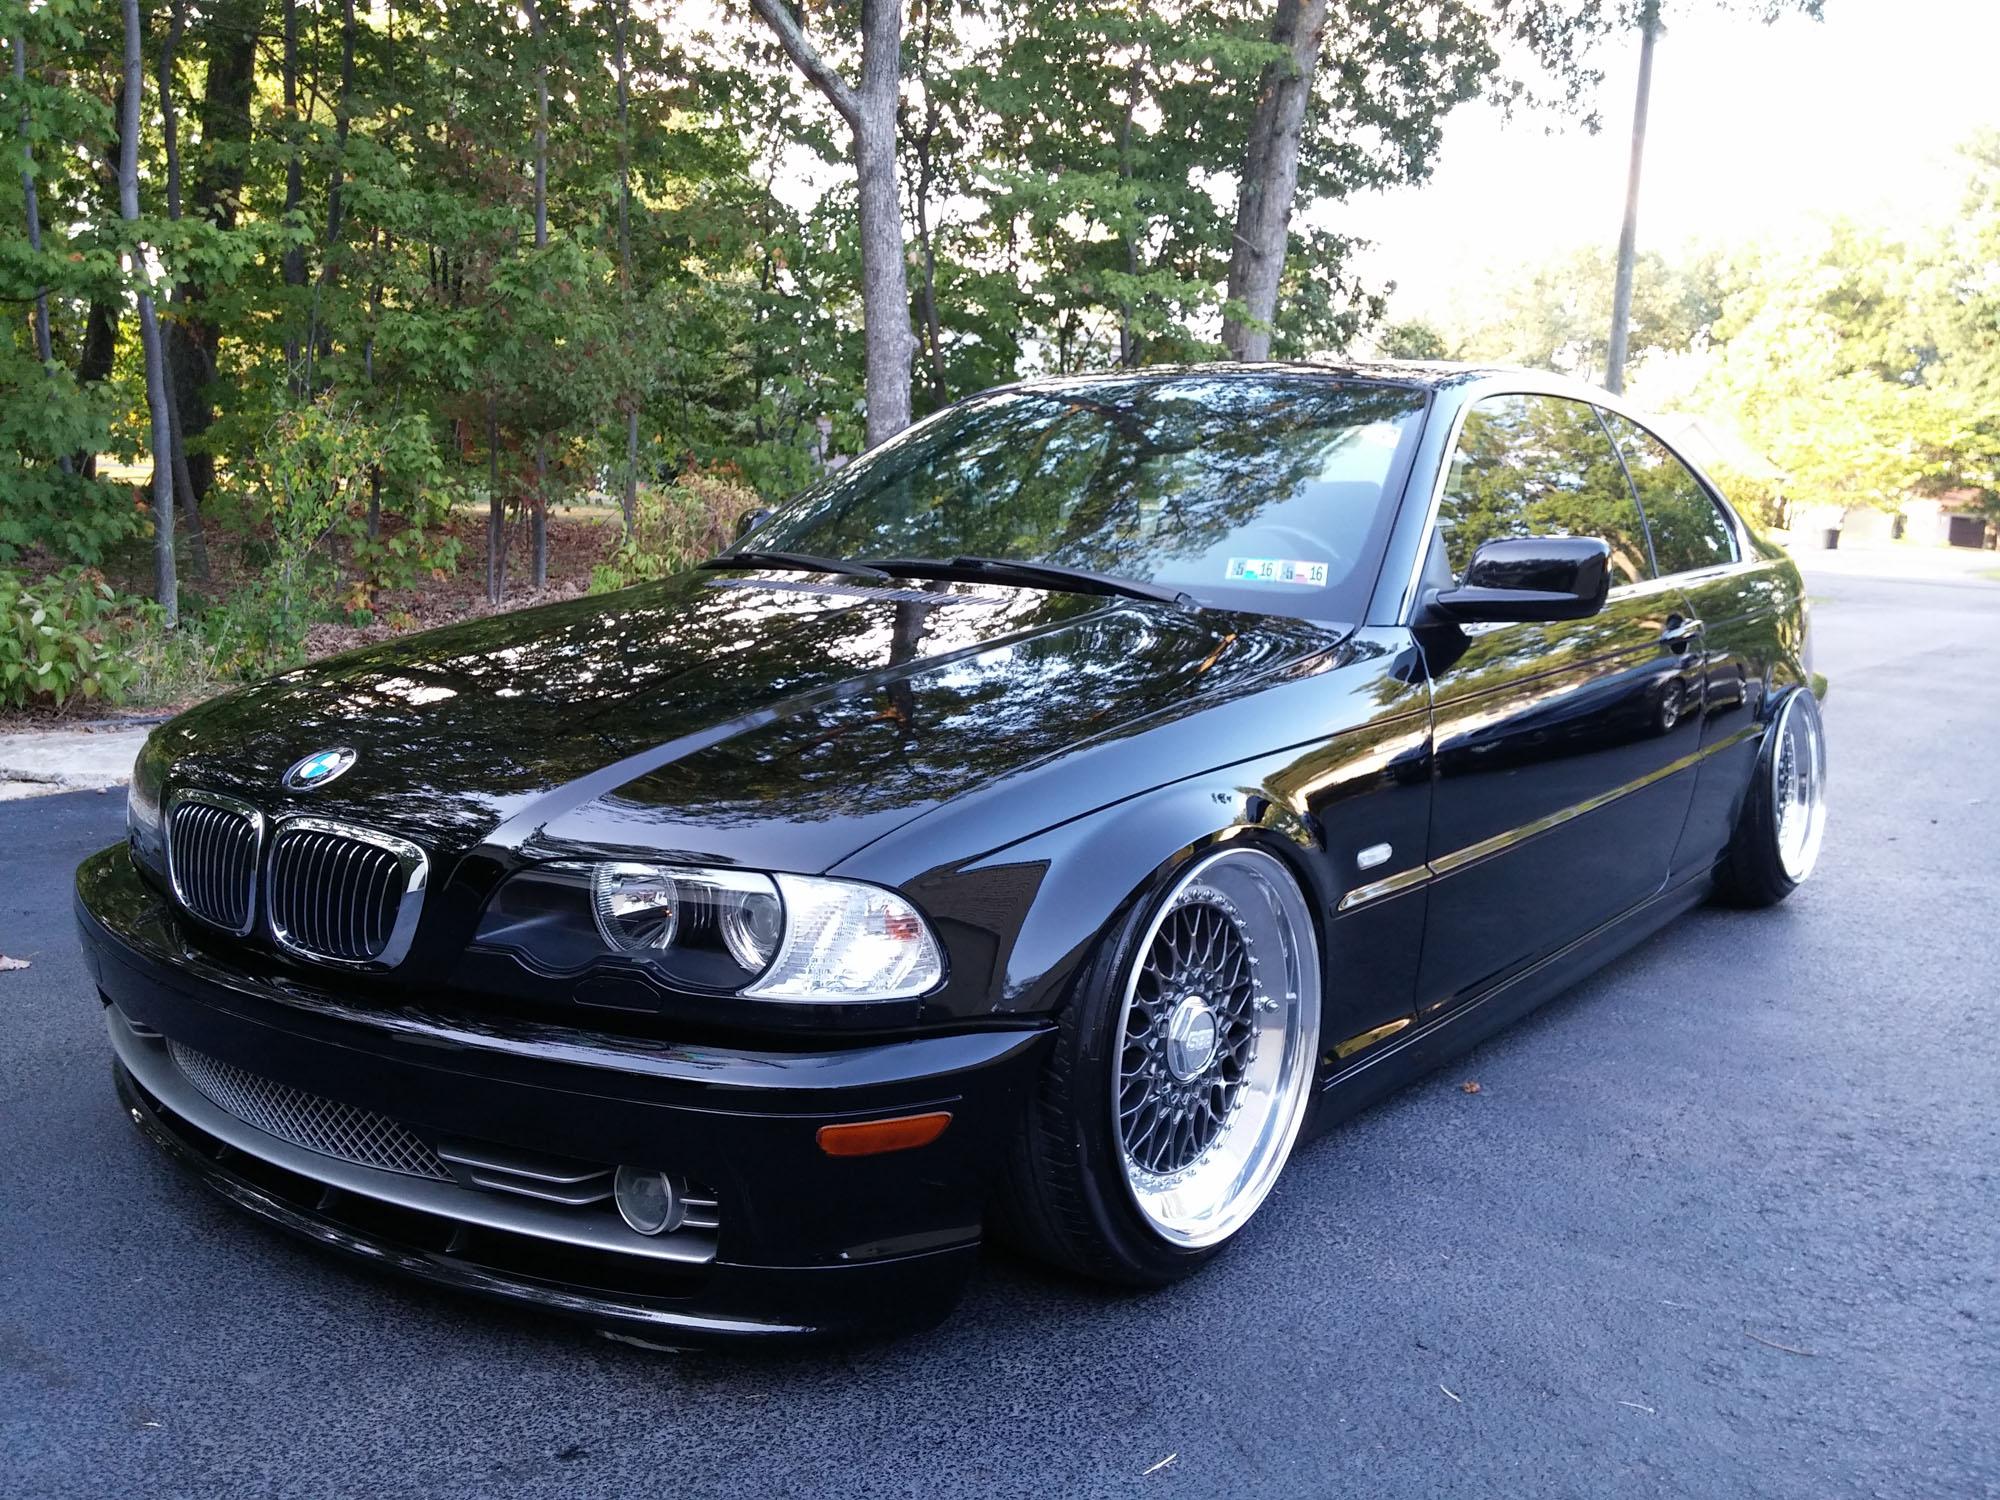 Black BMW E46